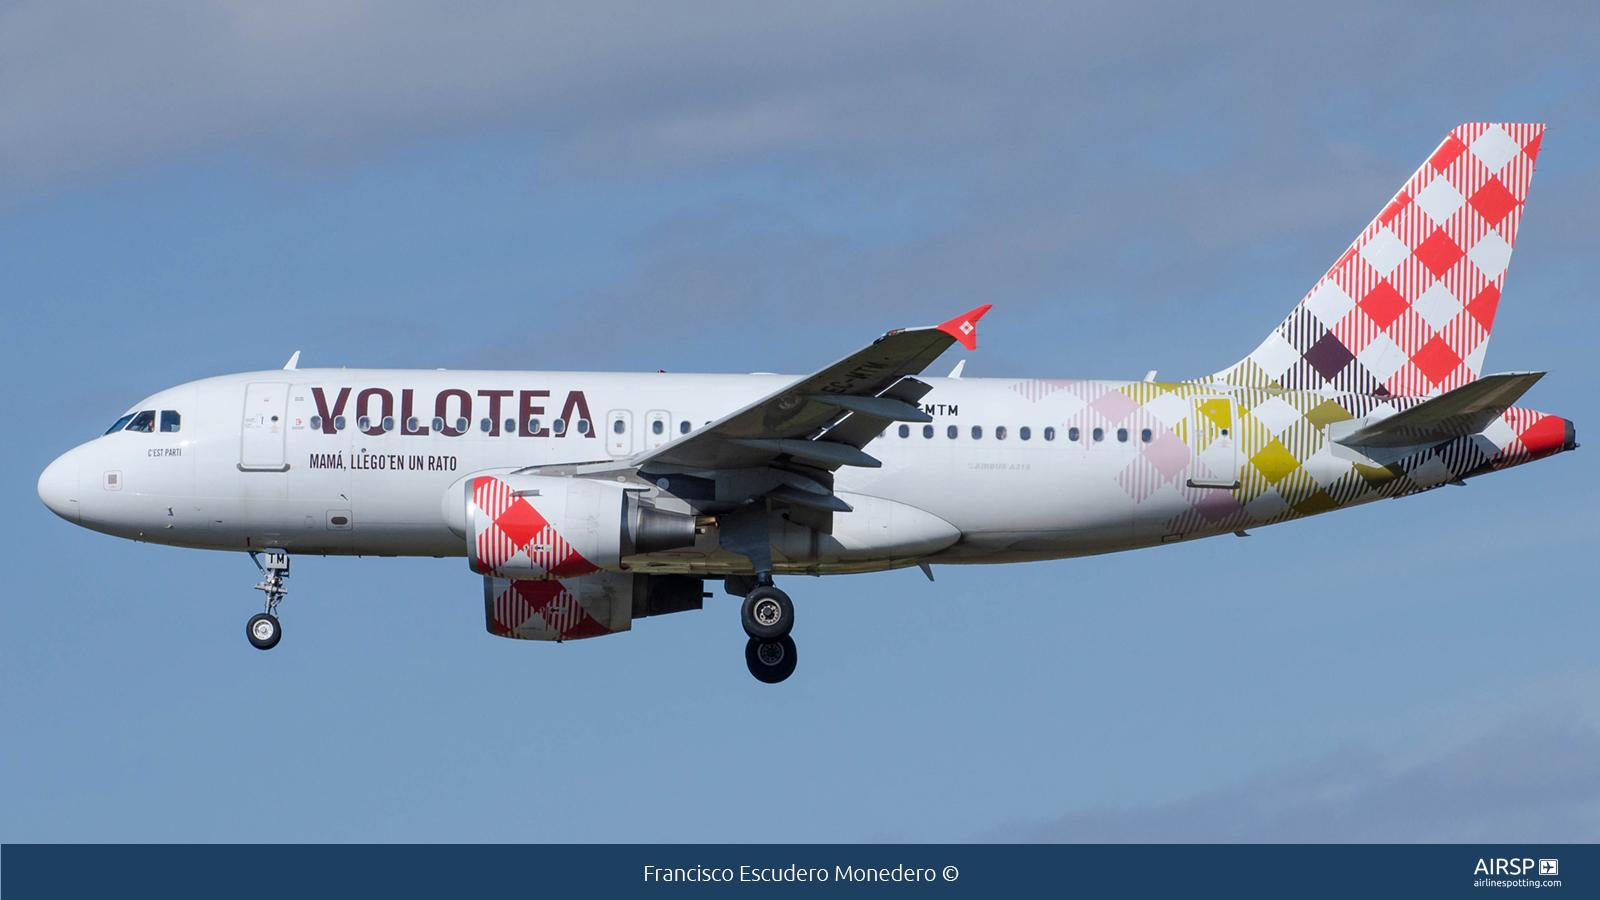 Volotea AirlinesAirbus A319EC-MTM